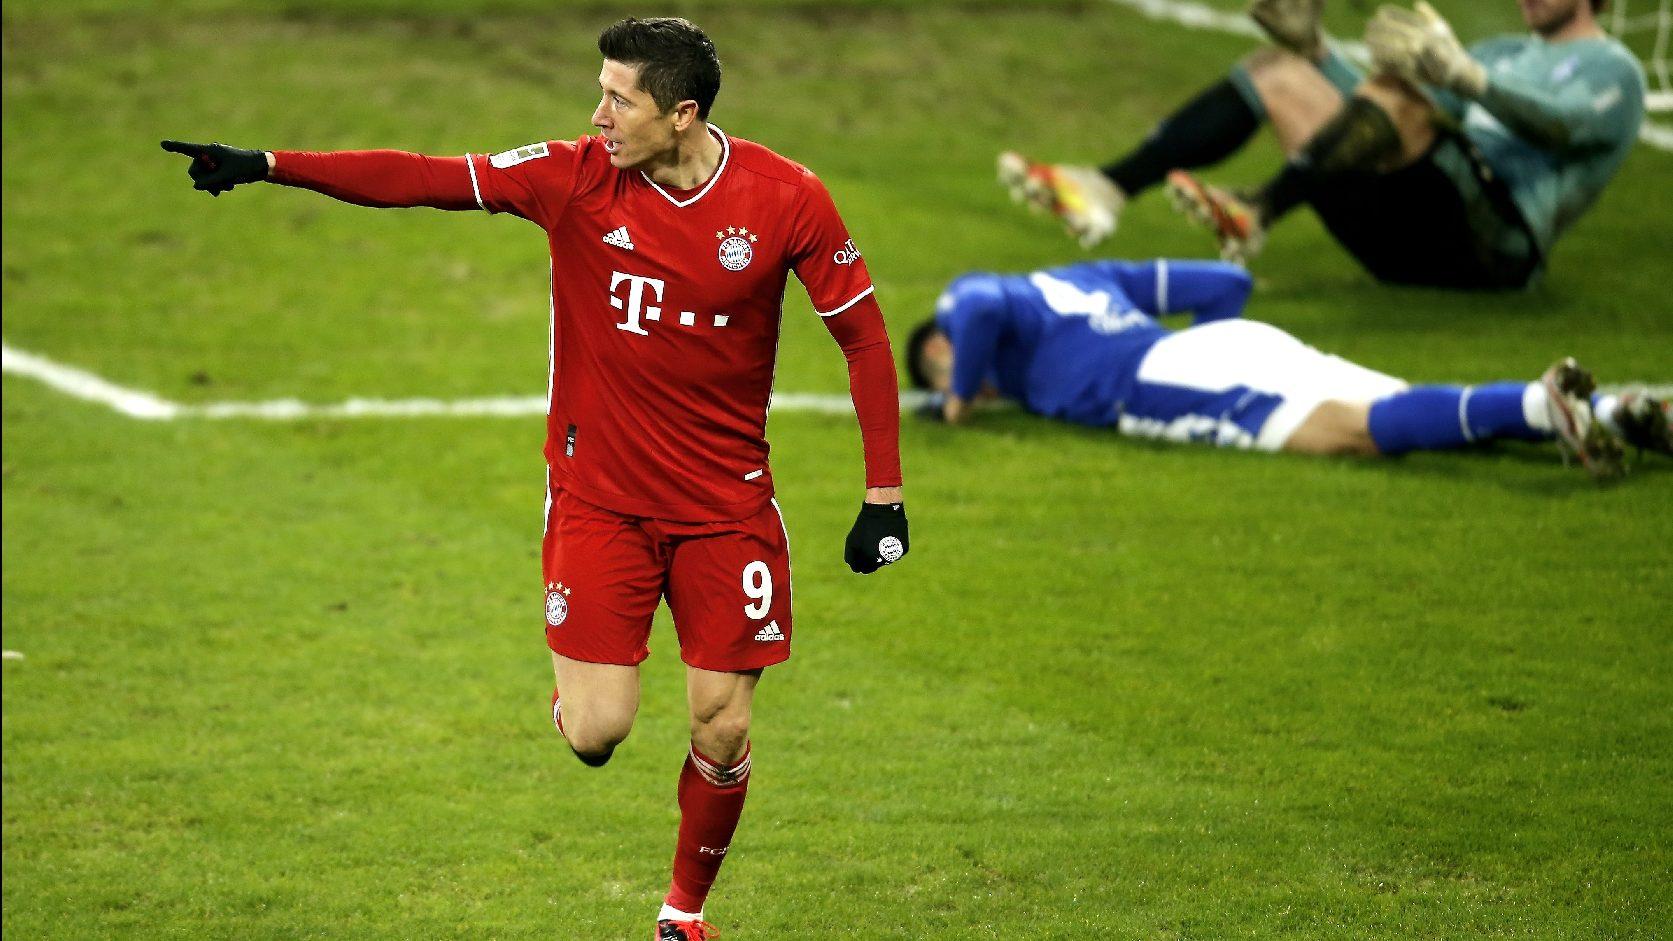 A Bayern nyert, Lewandowski meglőtte 500. gólját | M4 Sport